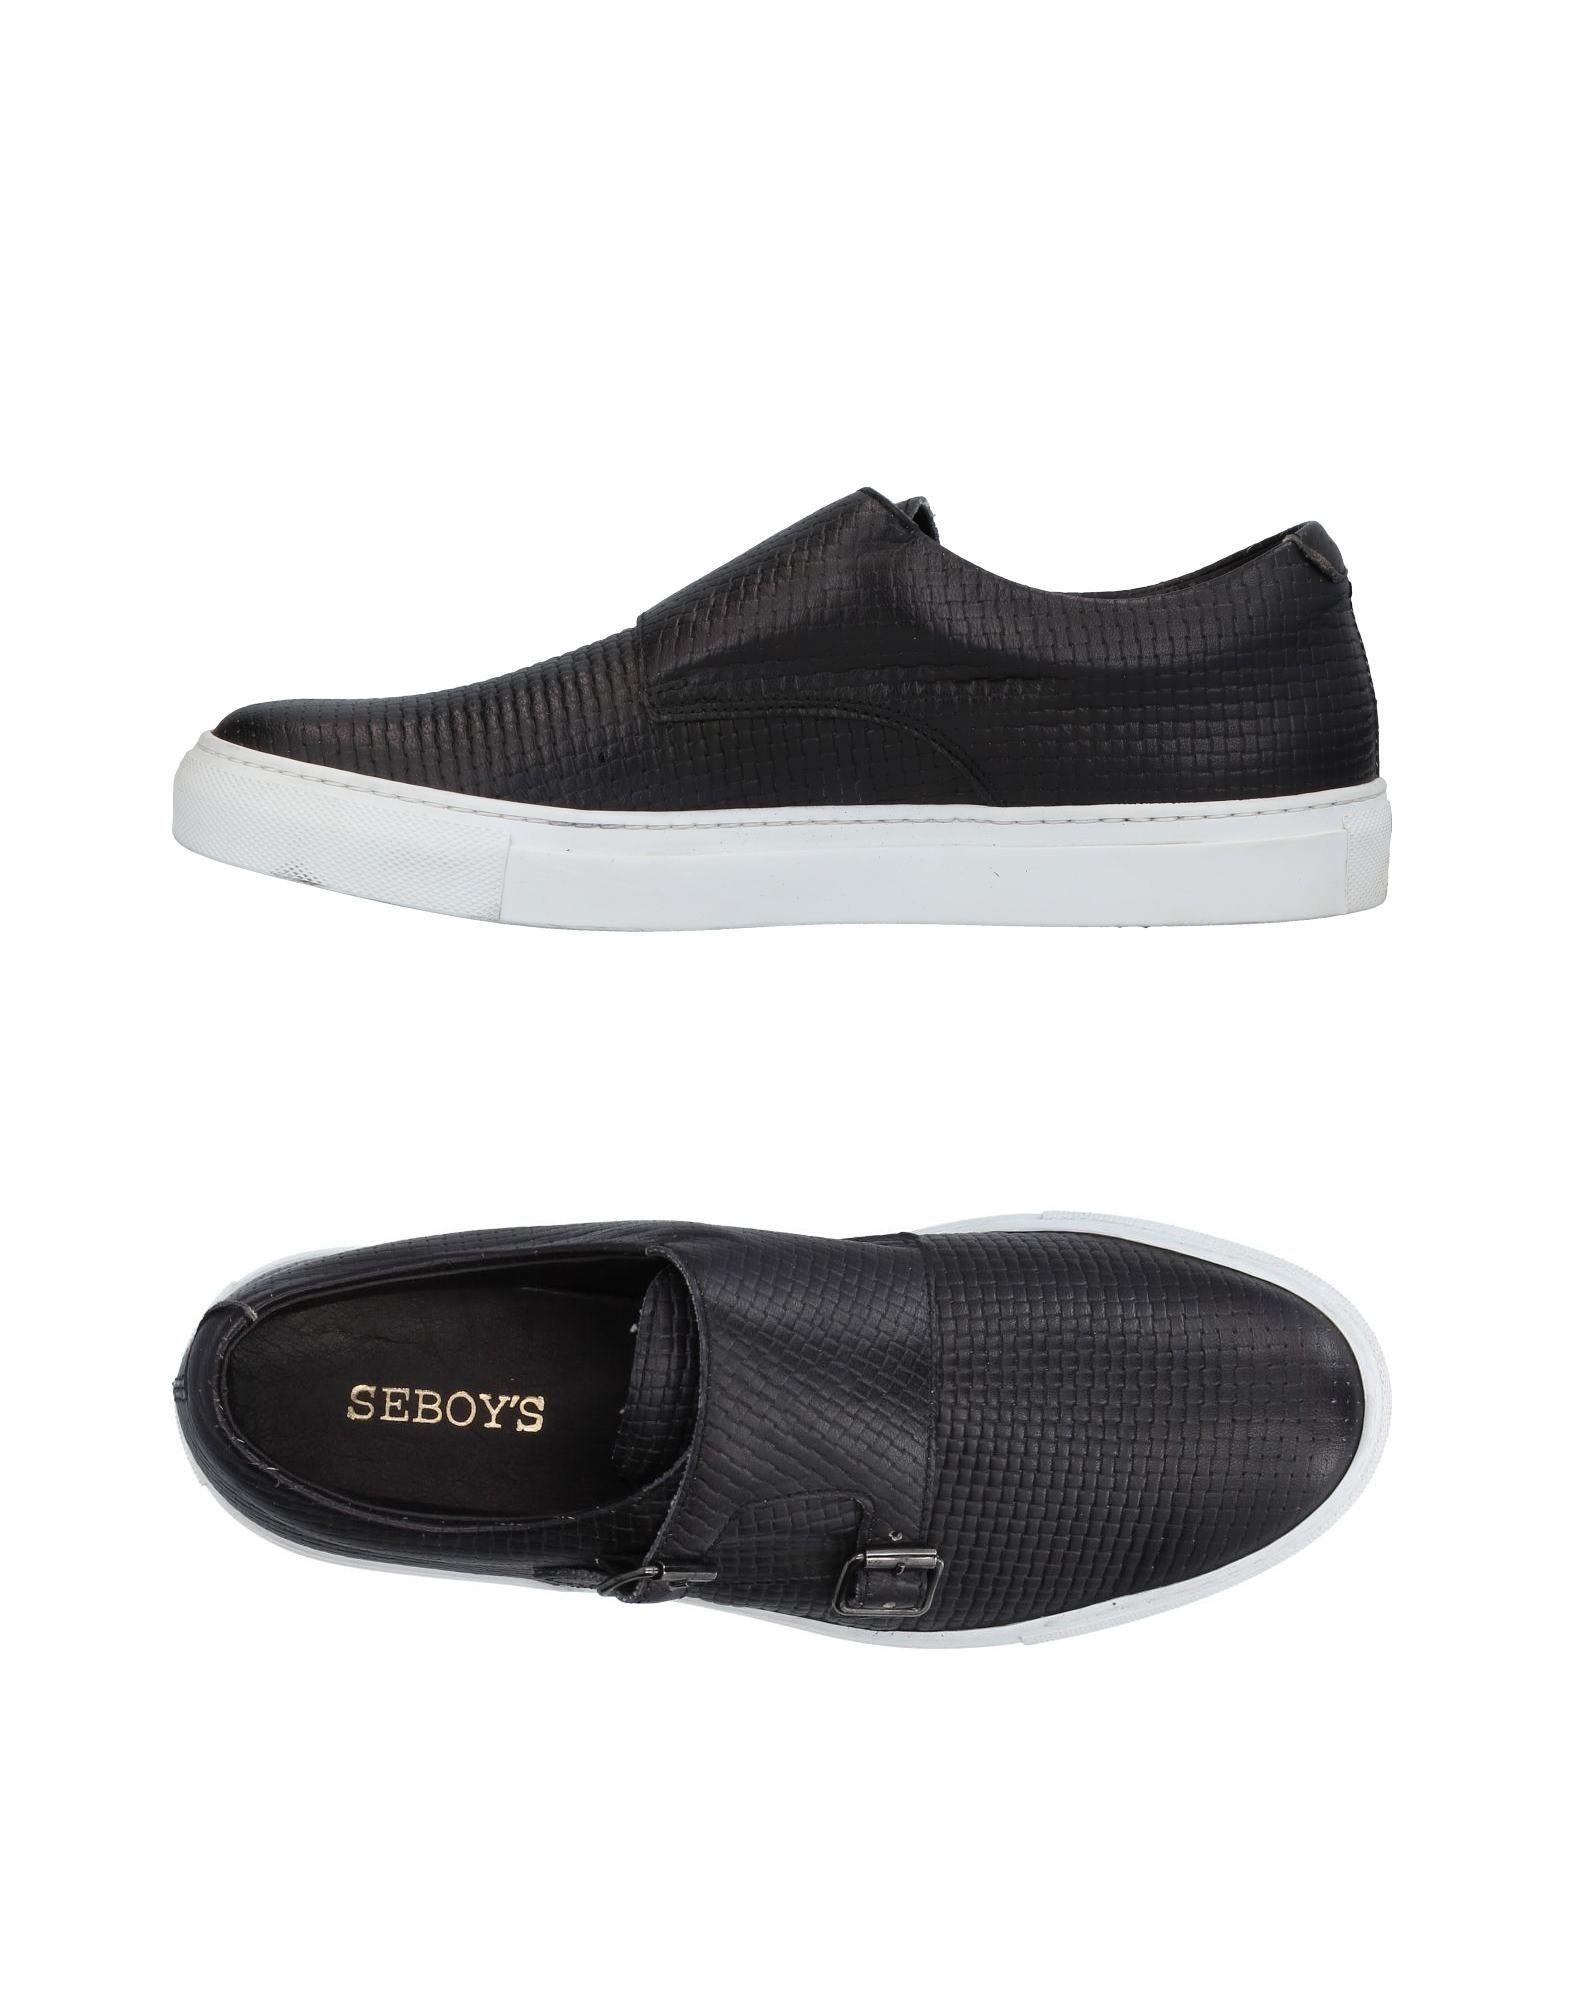 Moda Sneakers Seboy's Uomo Uomo Seboy's - 11365716QM e316a0